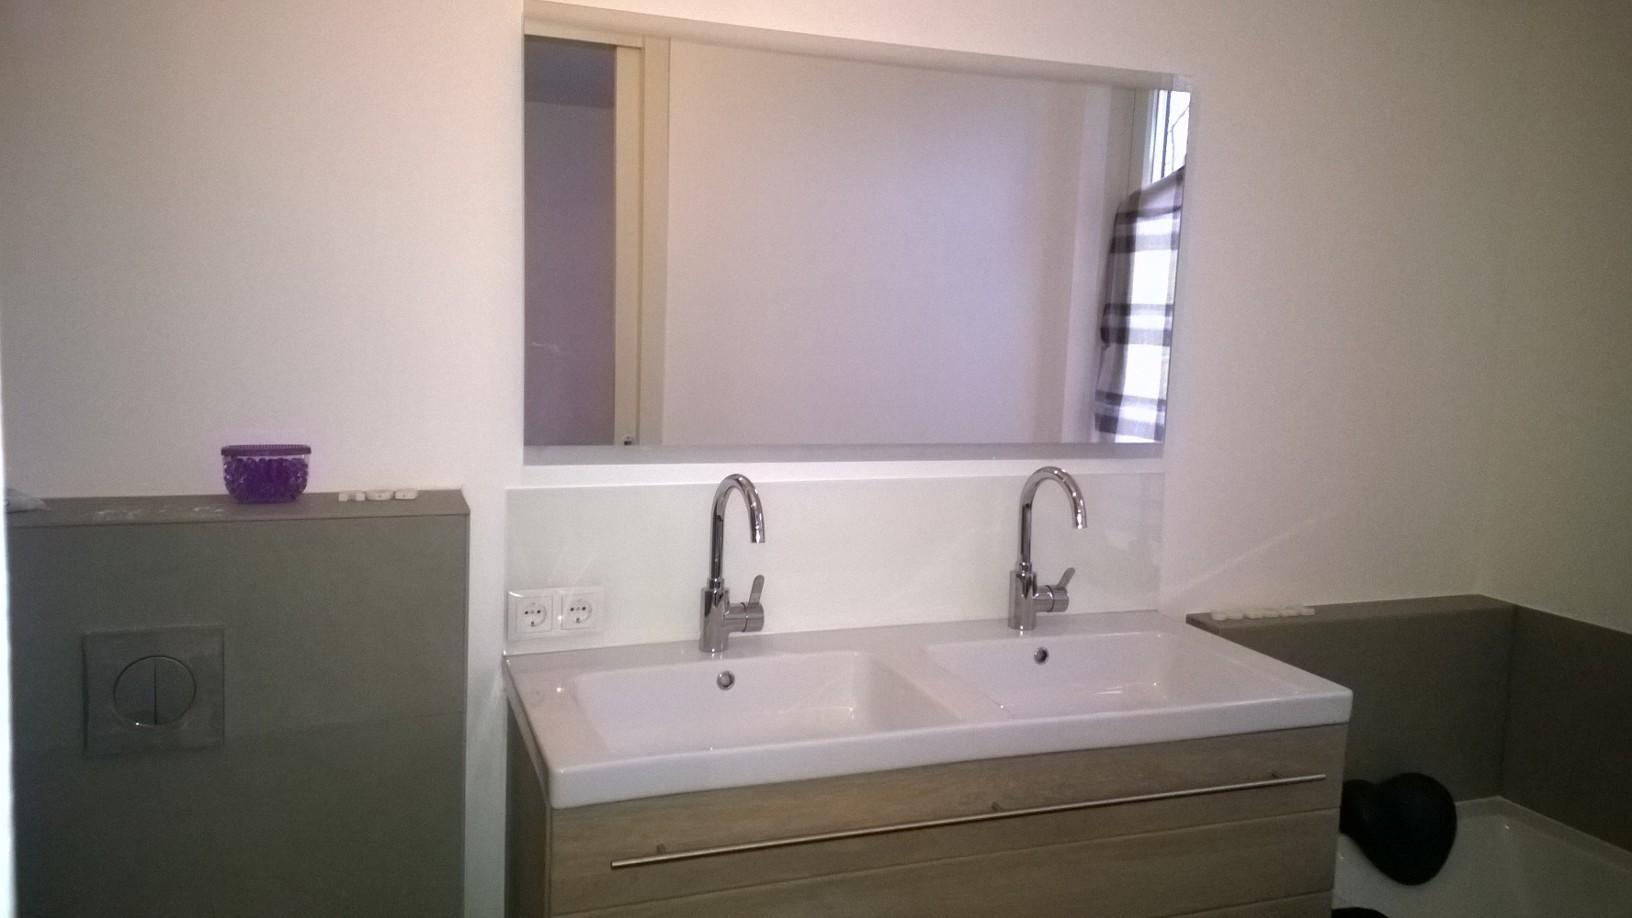 spiegel 02 fvs glas uw glasleverancier en glaszetter in regio tilburg. Black Bedroom Furniture Sets. Home Design Ideas